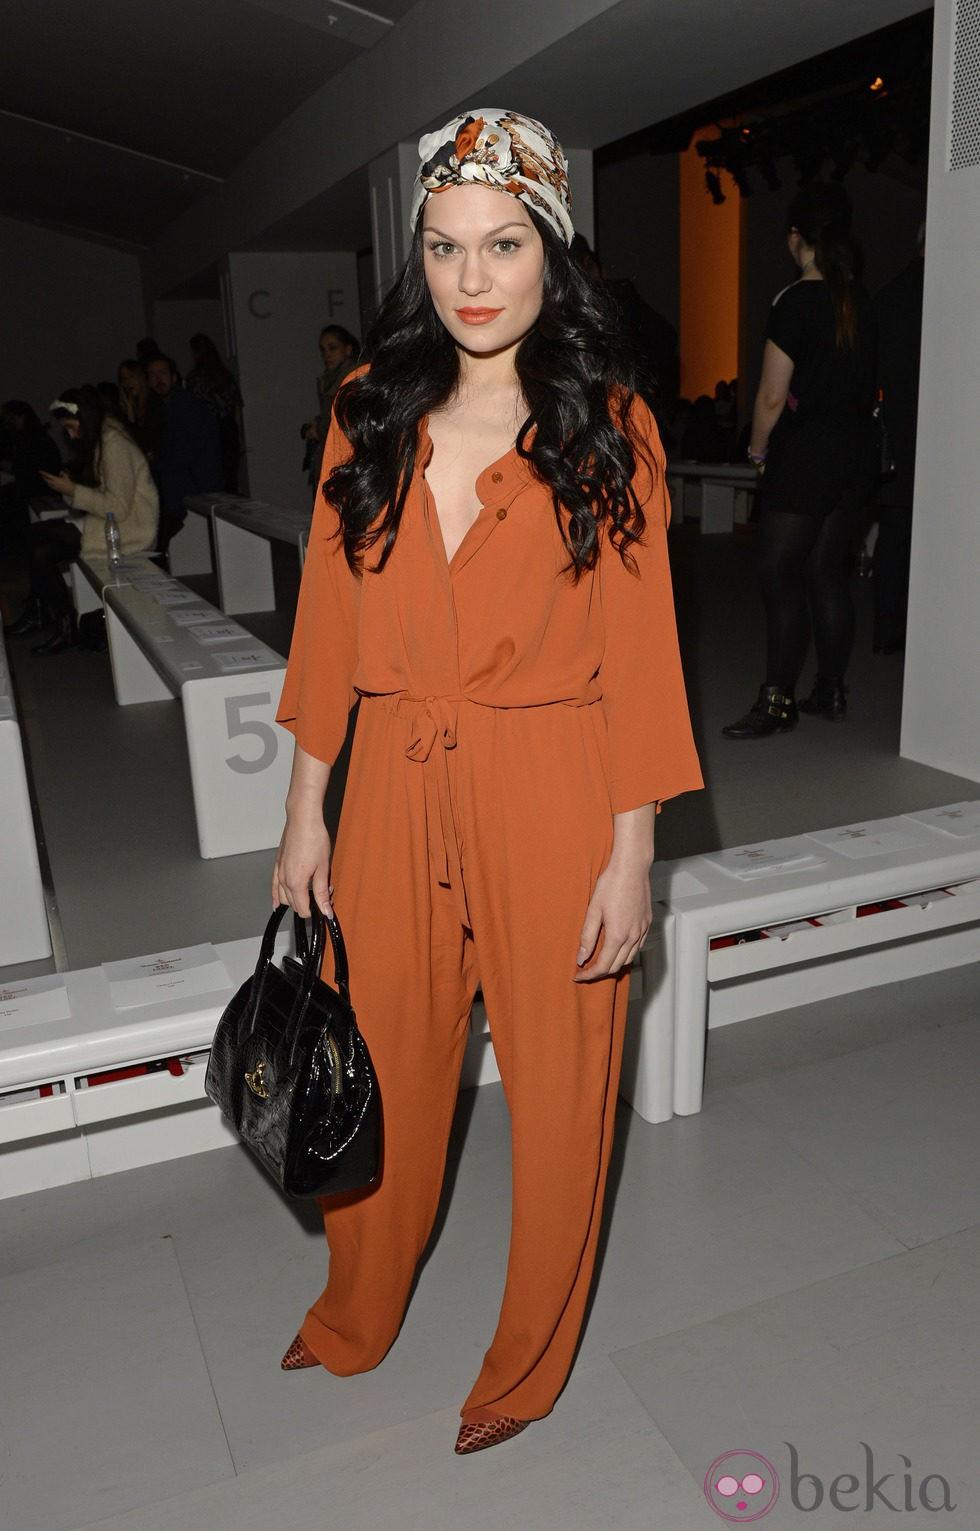 Jessie J en el front row de la Semana de la Moda de Londres 2014